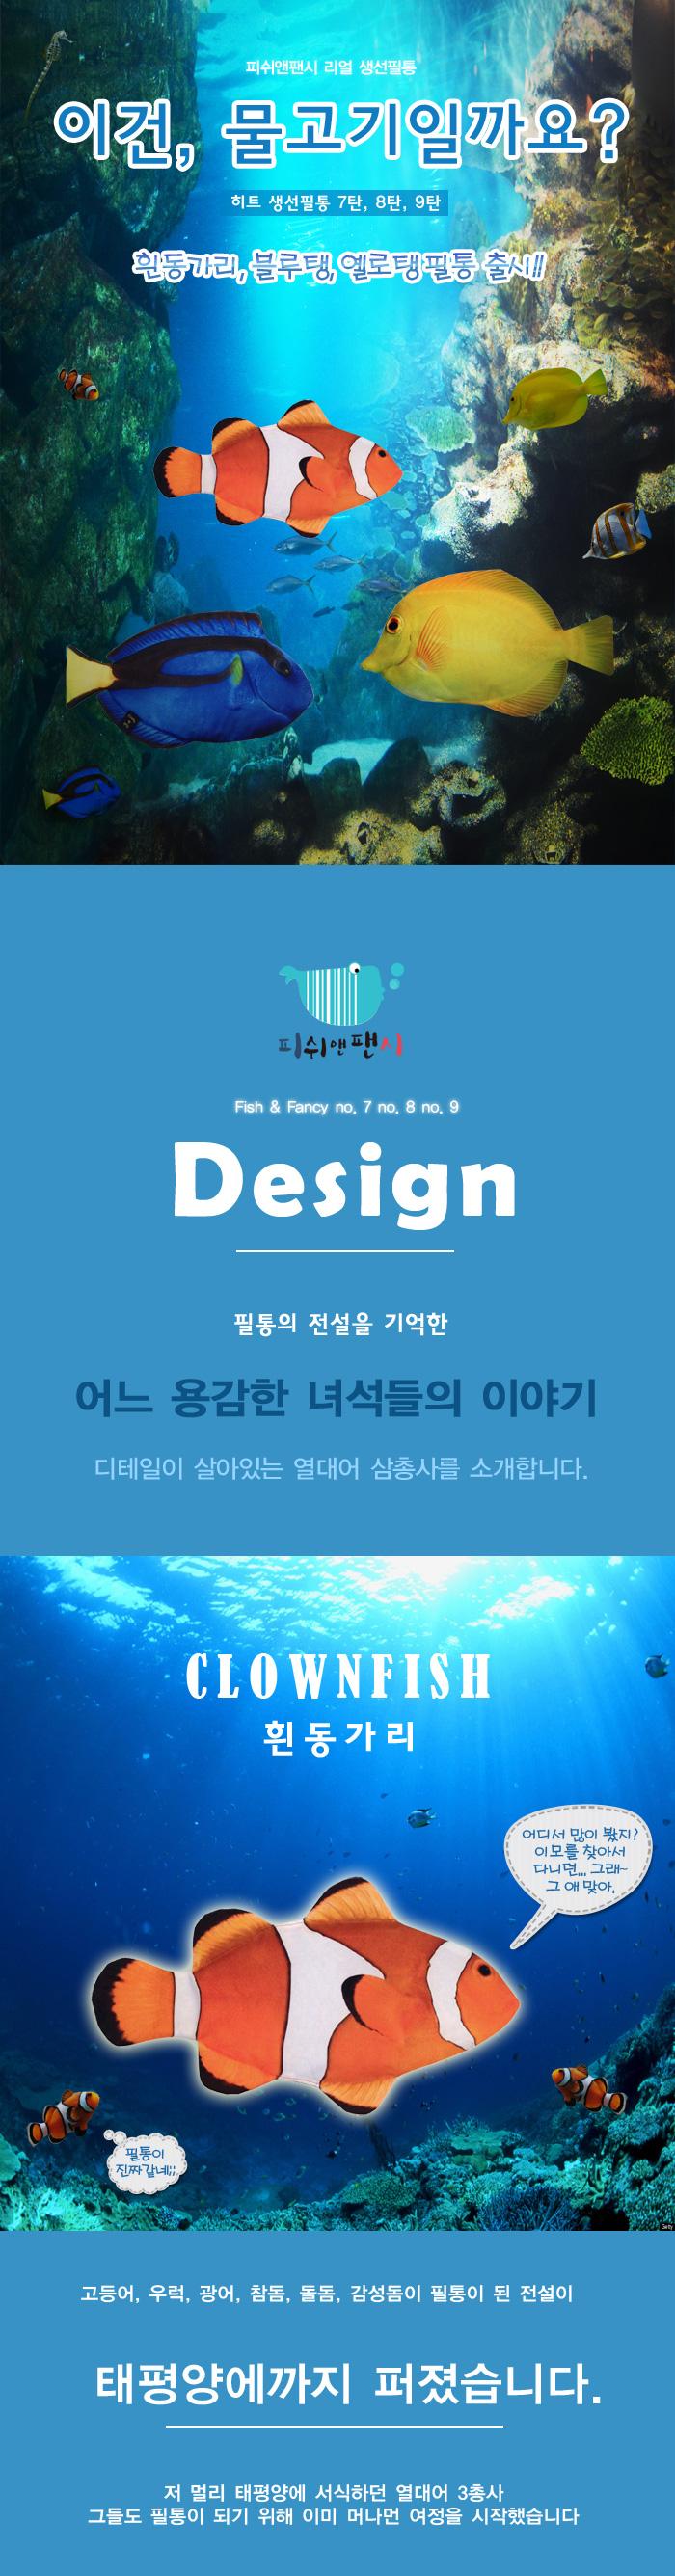 생선필통 흰동가리필통 - 피쉬앤팬시, 15,900원, 패브릭필통, 심플